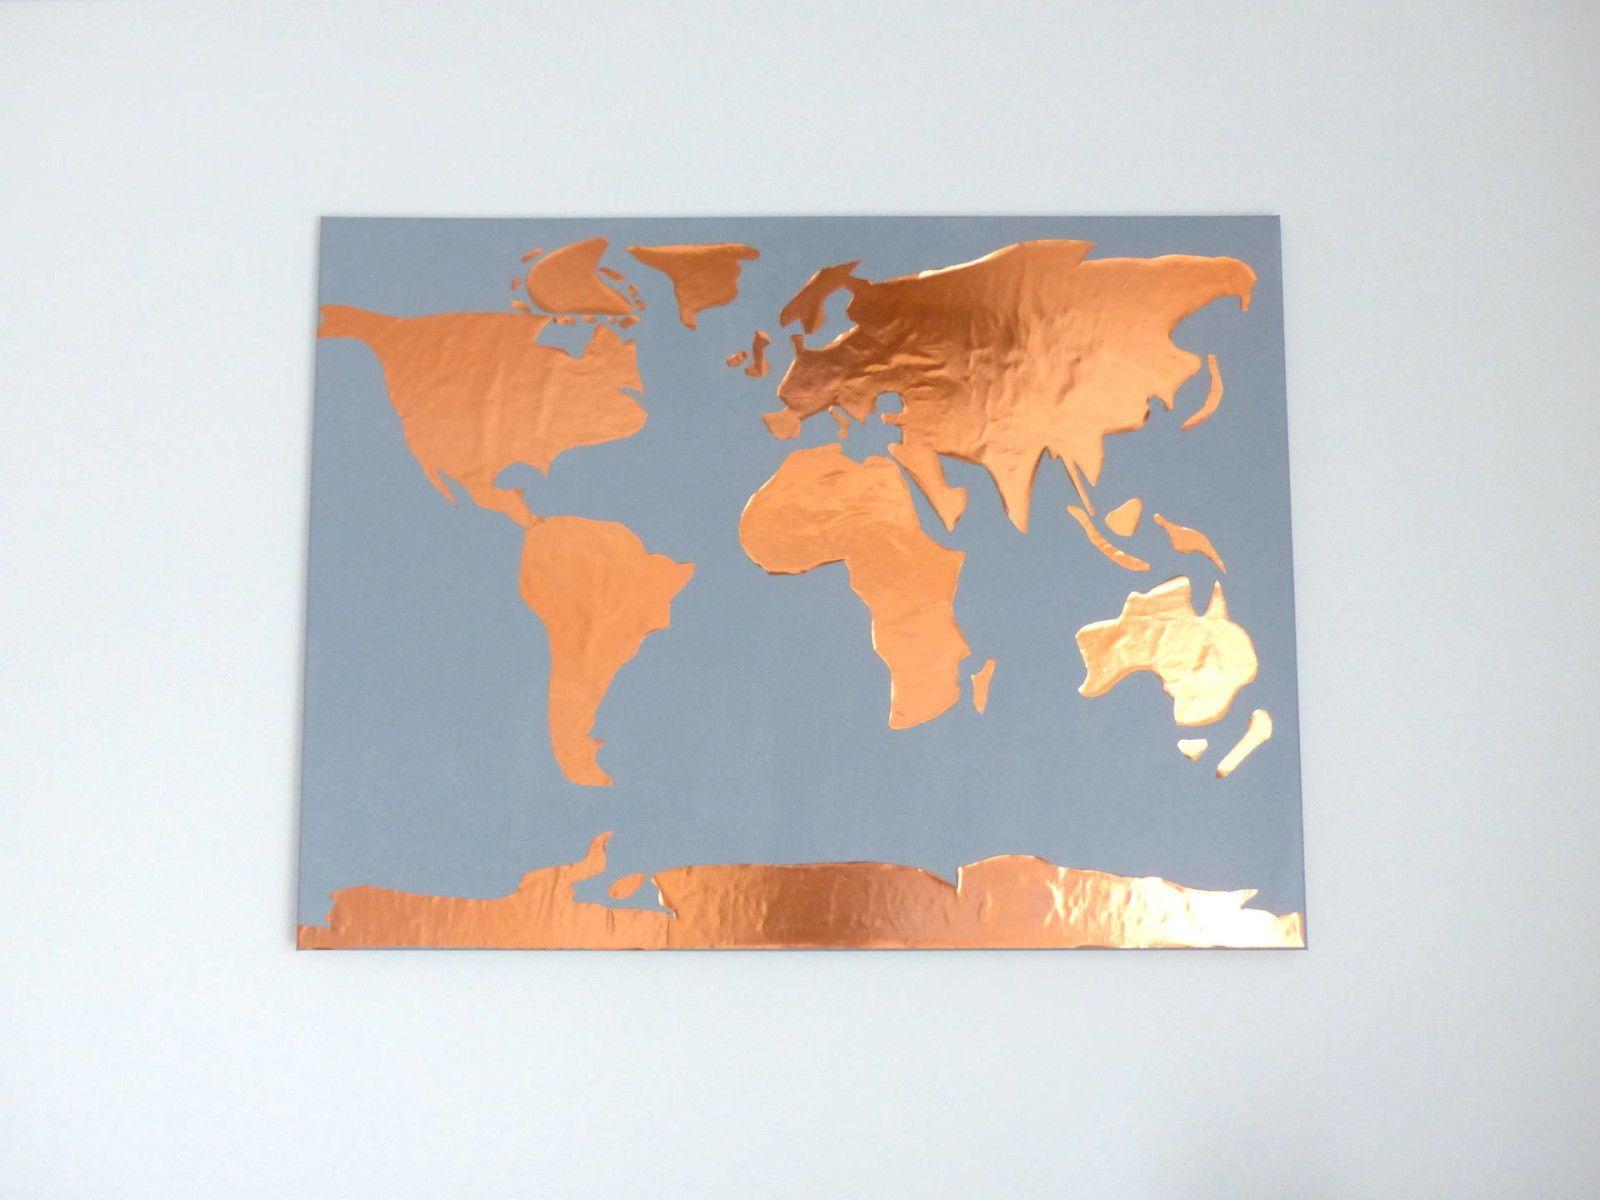 Wohntrend Kupfer und geometrische Formen  Wohntrends Weltkarte